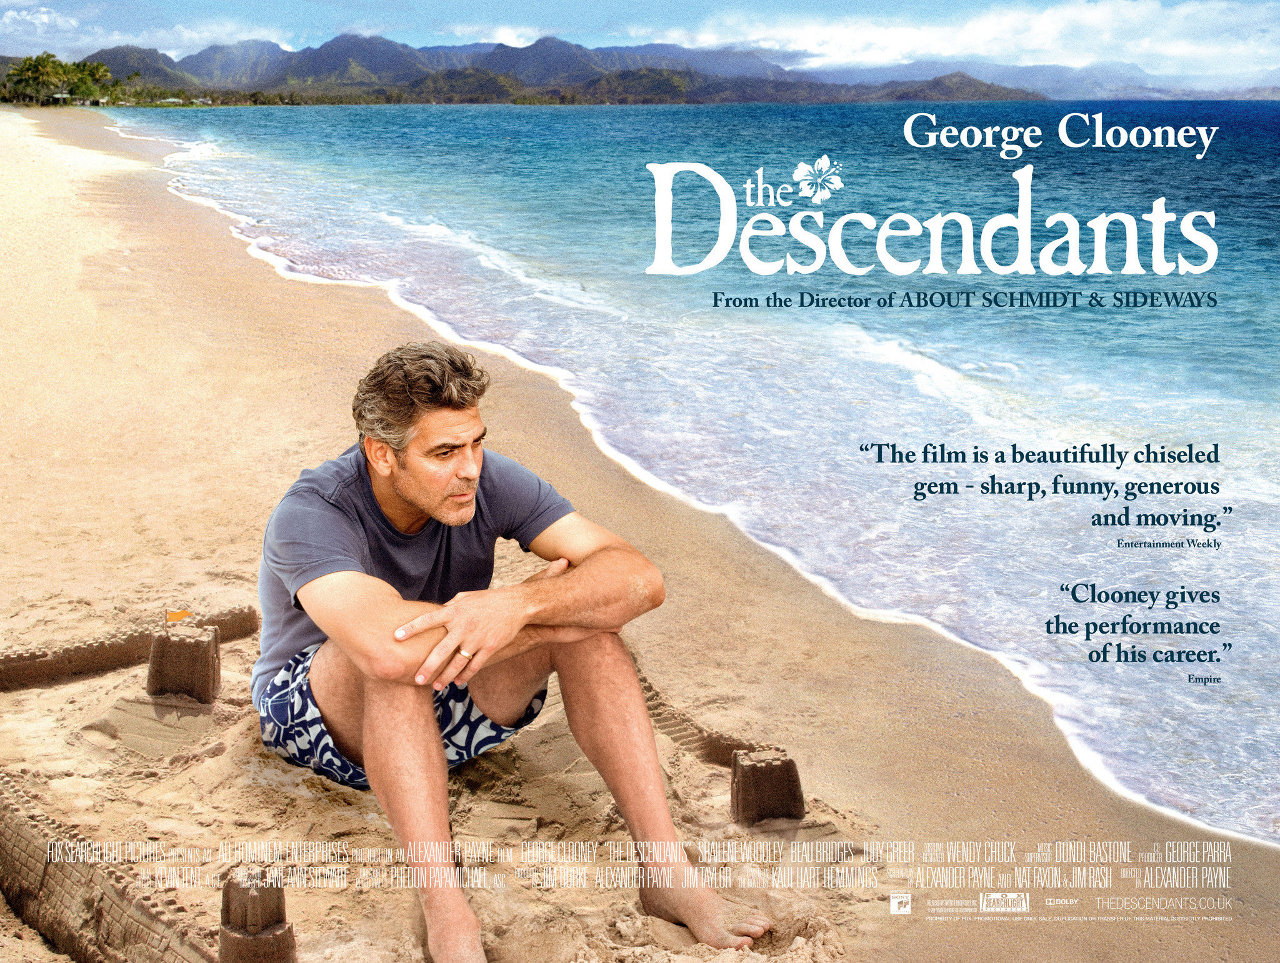 Clima havaiano em Os Descendentes